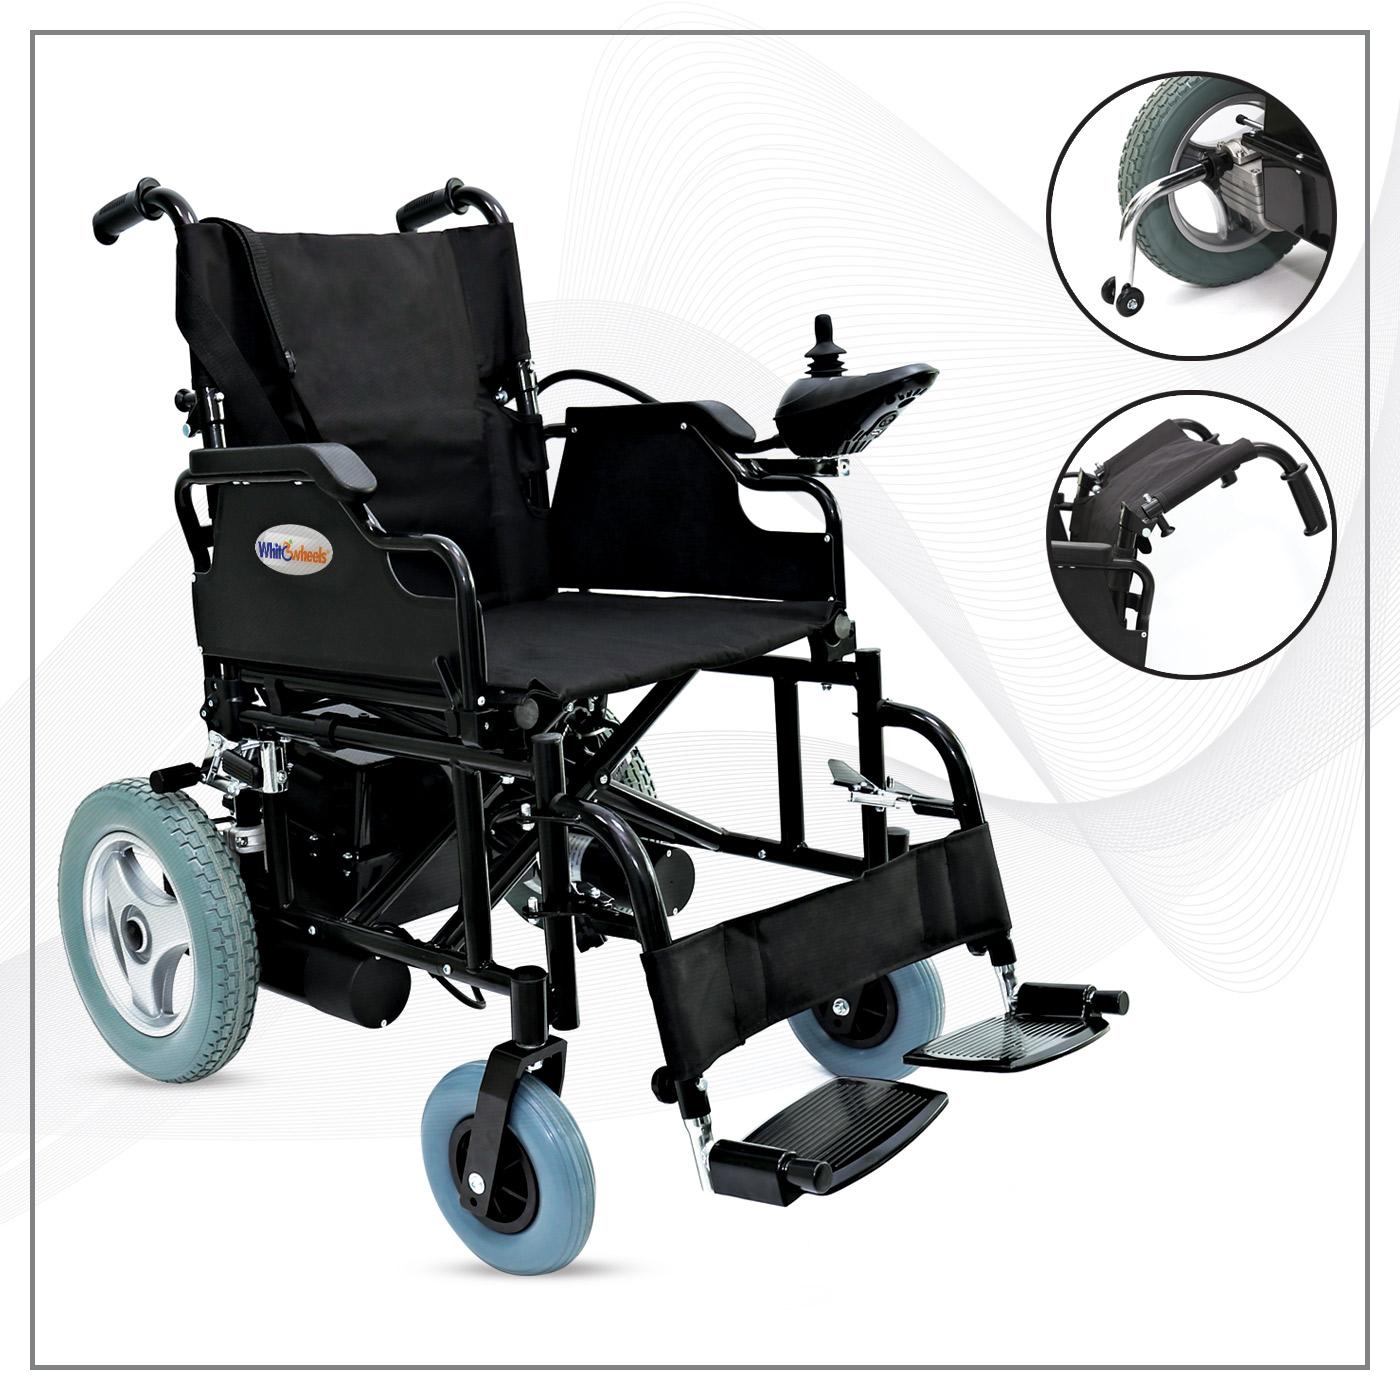 Abc Tıp Sağlık Tekerlekli Sandalye ve Oturaklar AL 08-21